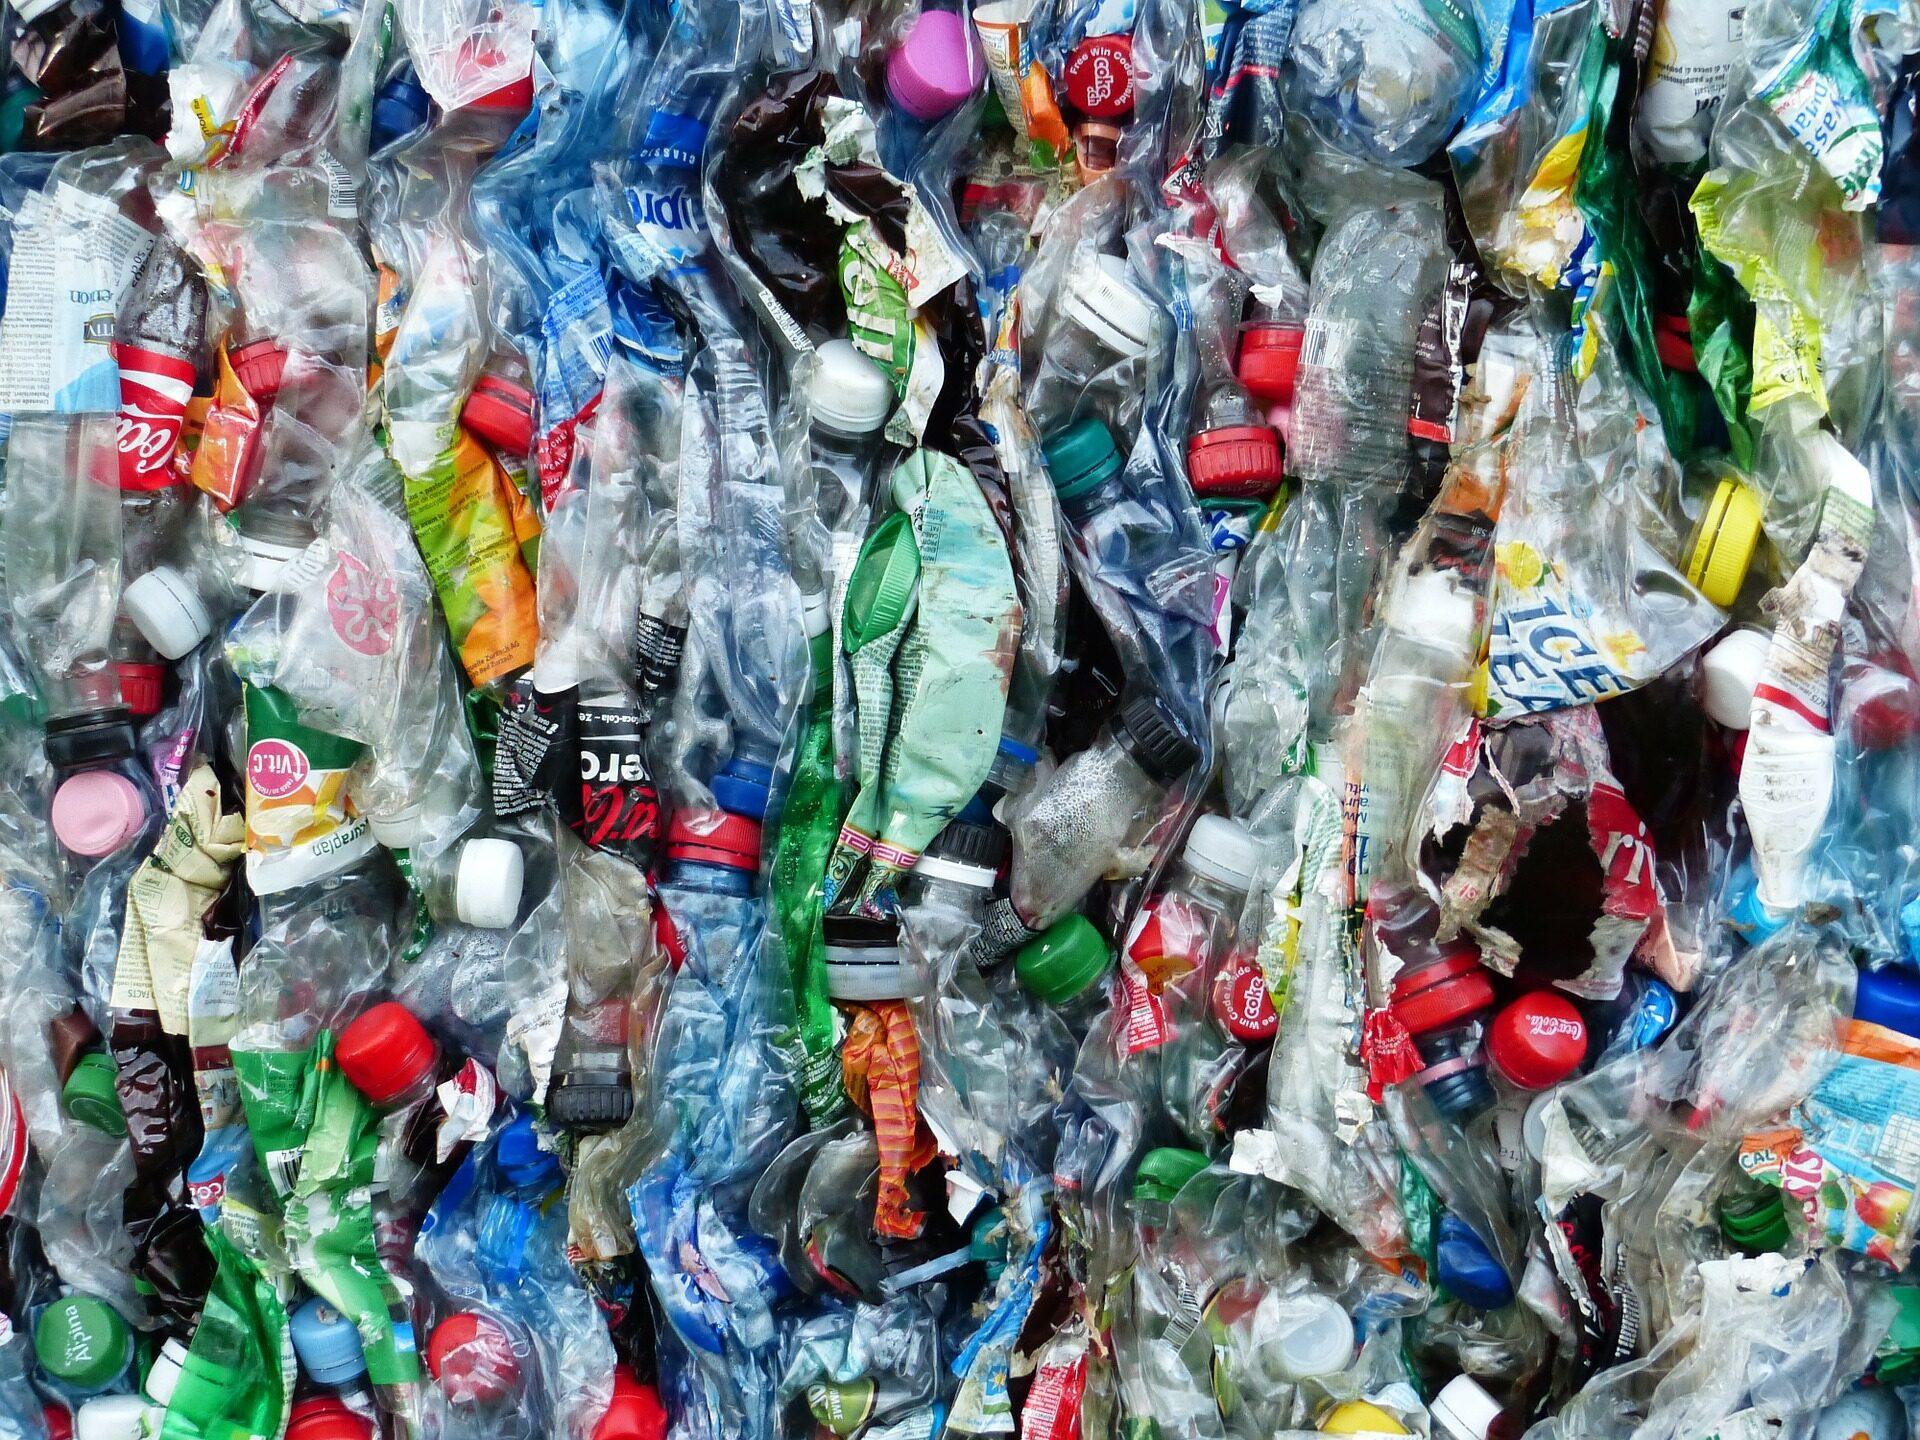 Un nou tip de plastic ar putea îmbunătăți reciclarea extrem de mult